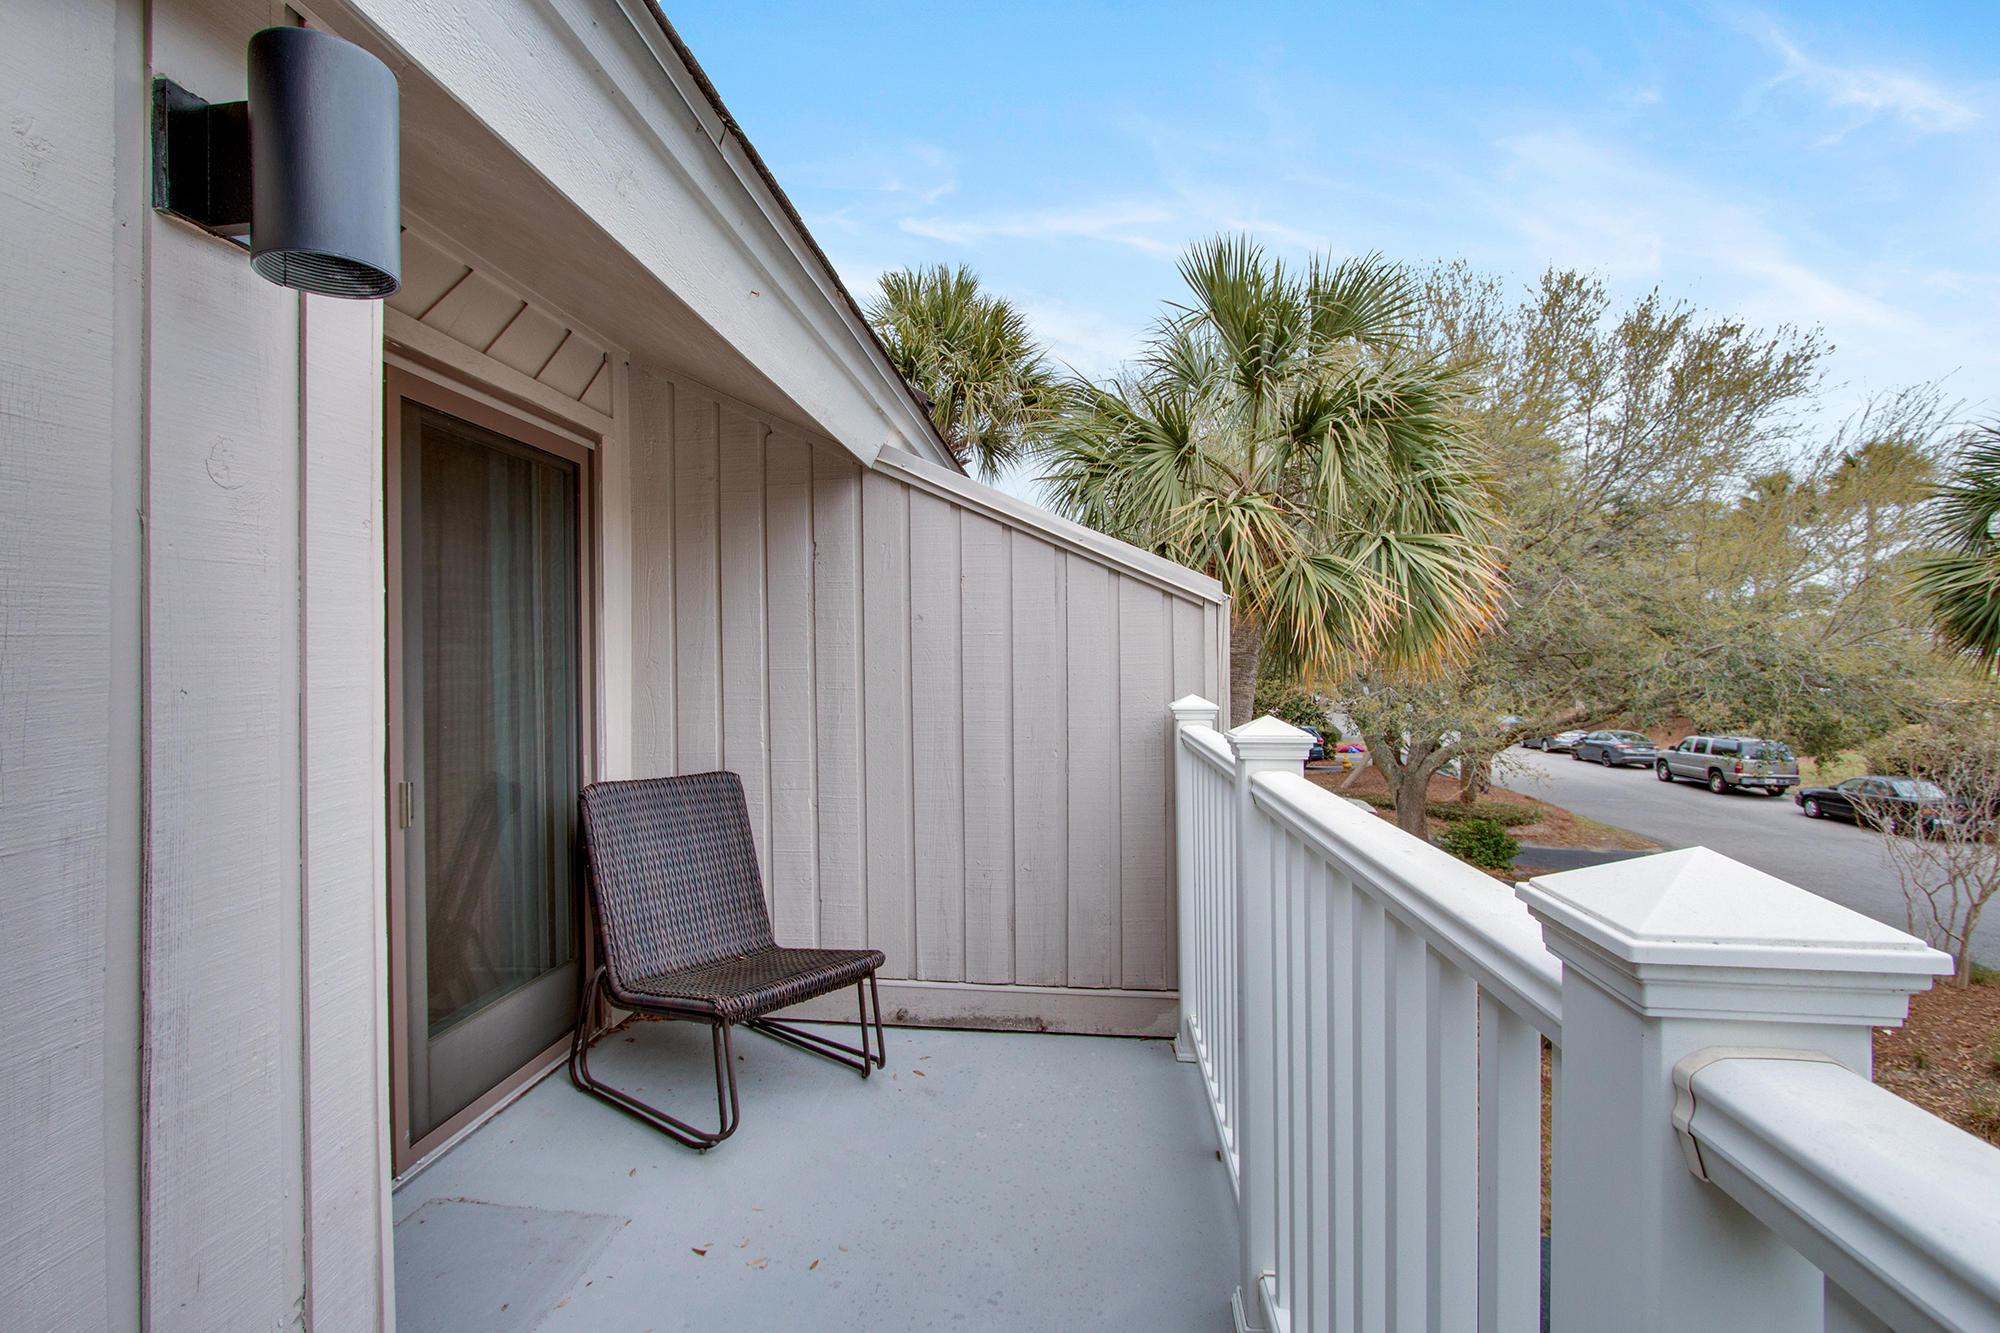 40 Back Court Isle Of Palms, SC 29451